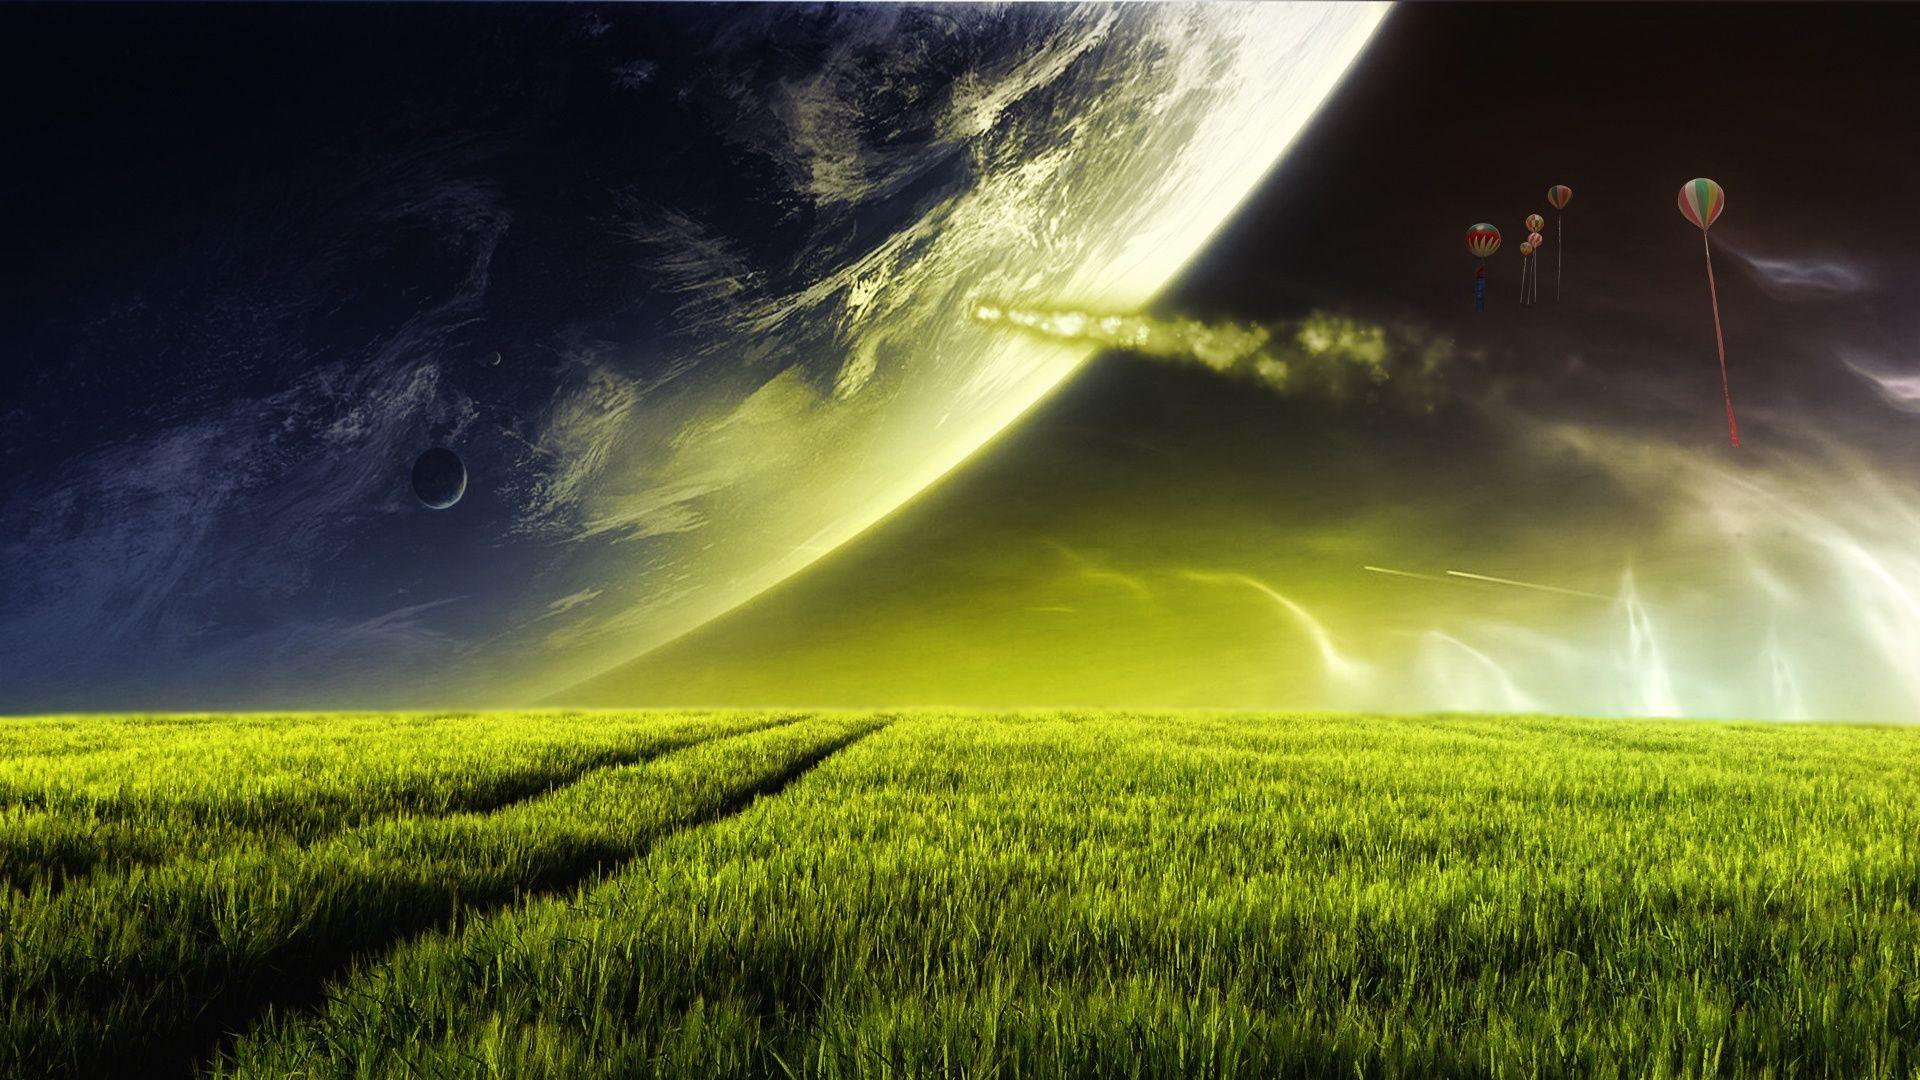 Field Balloons Alien Landscape wallpaper